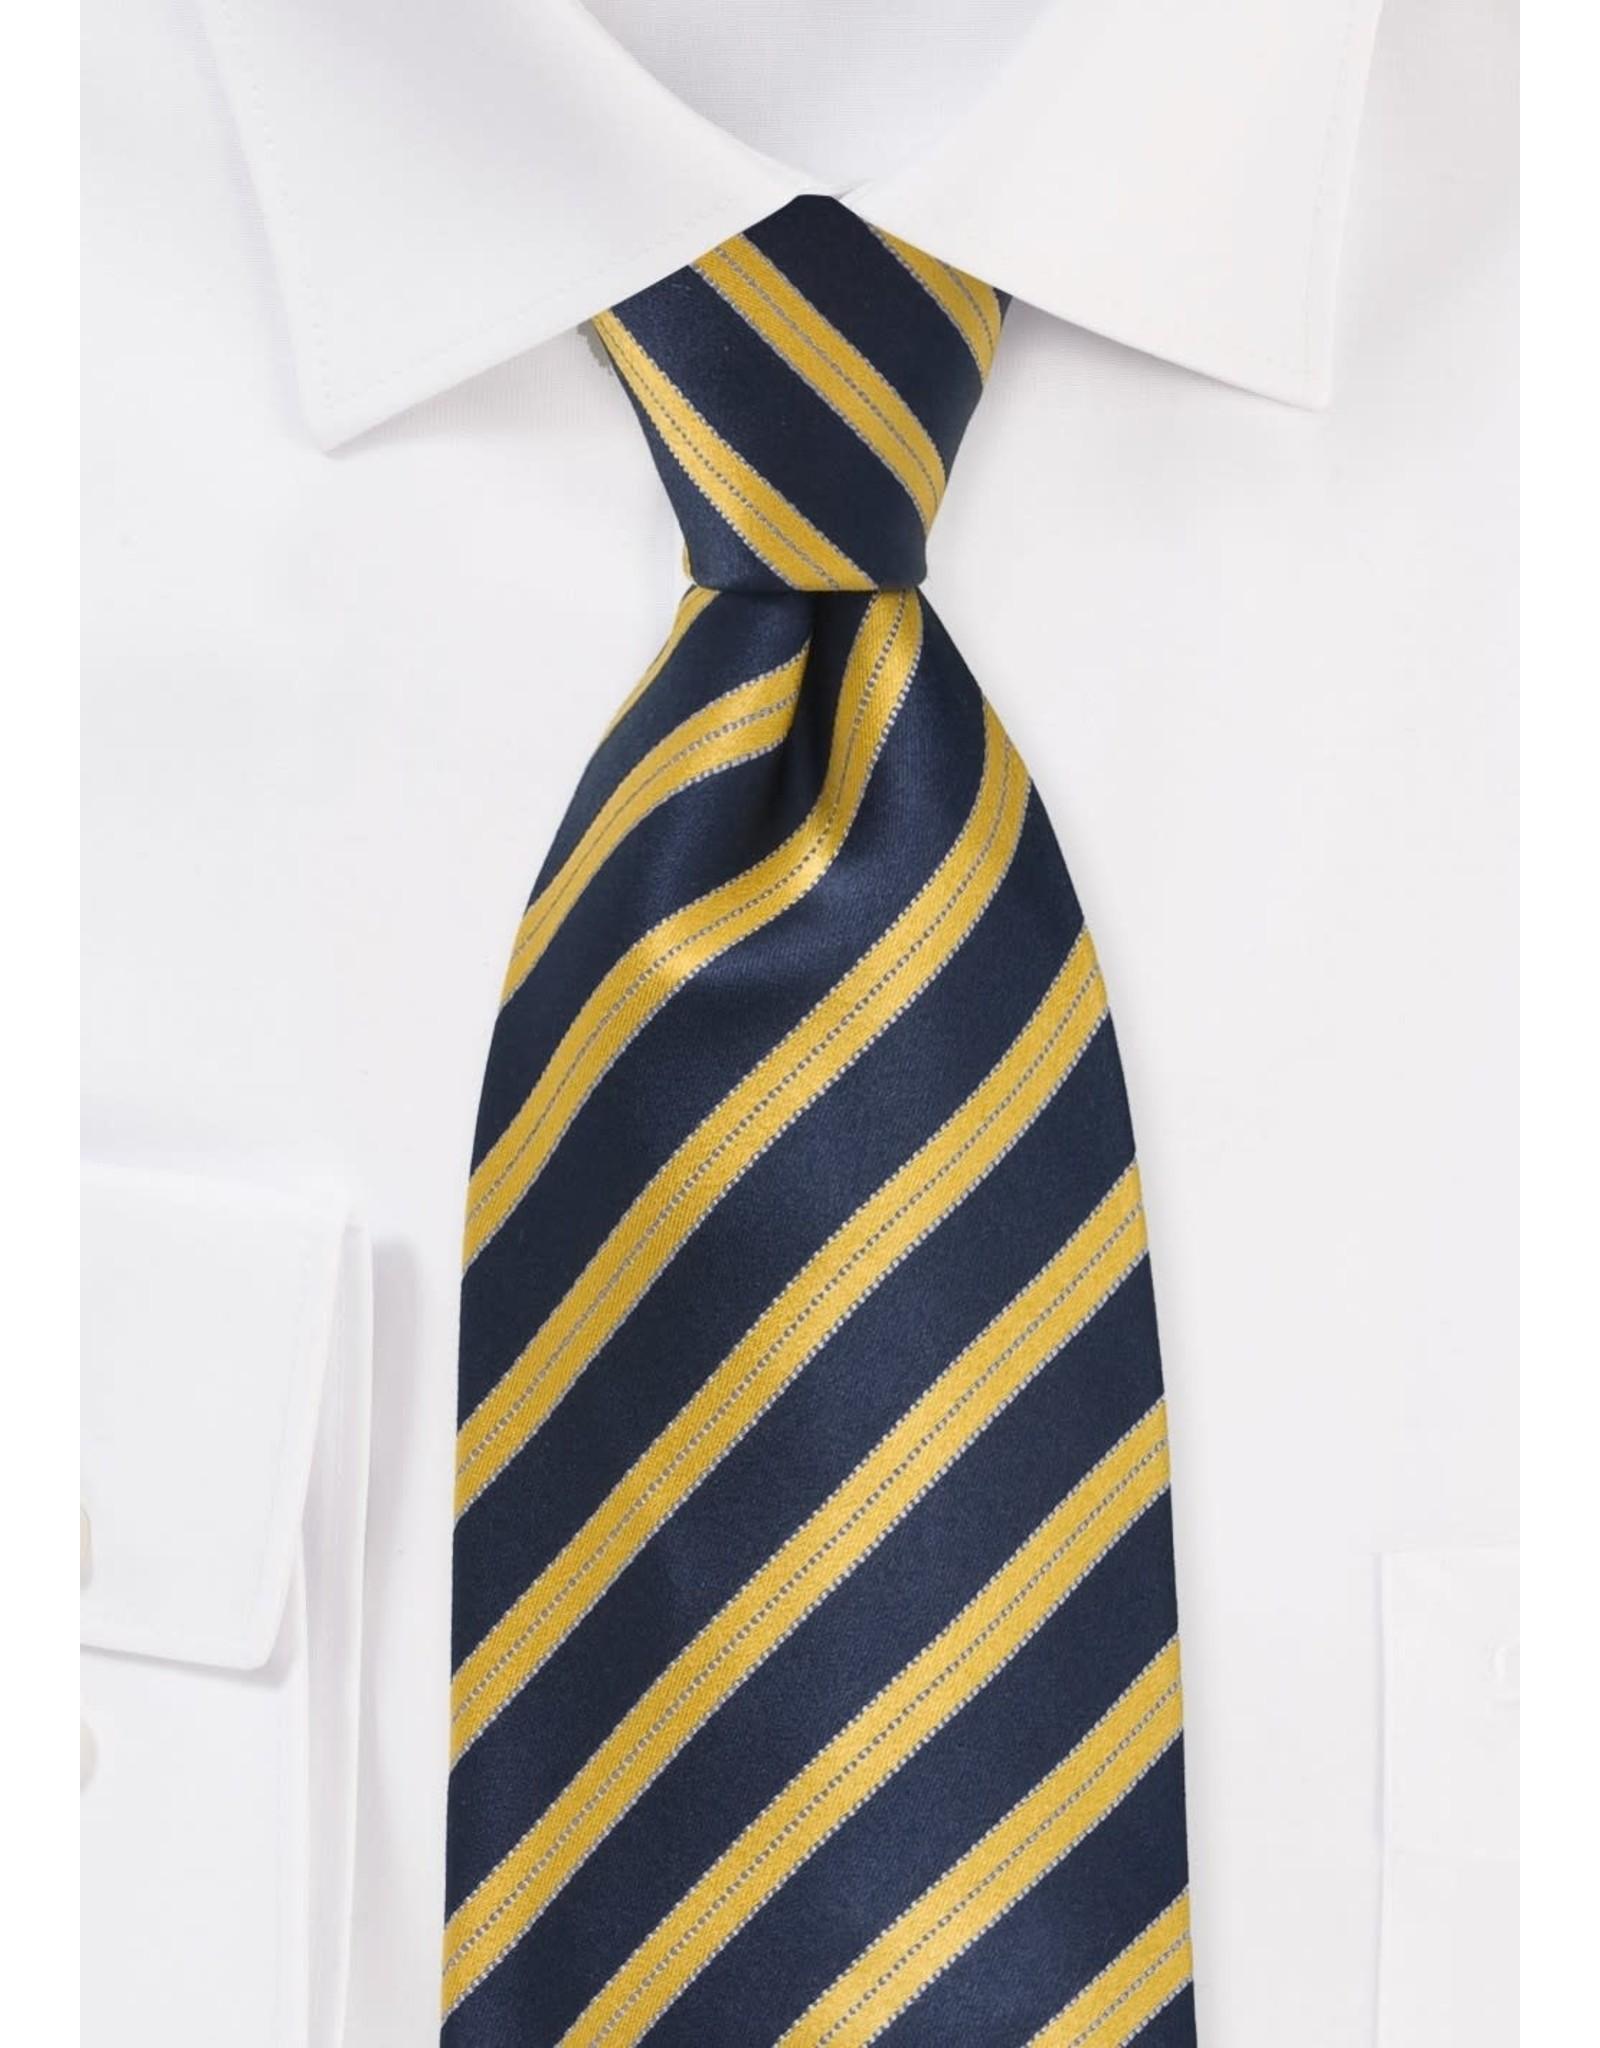 Cavallieri Tie (Required Uniform Tie)